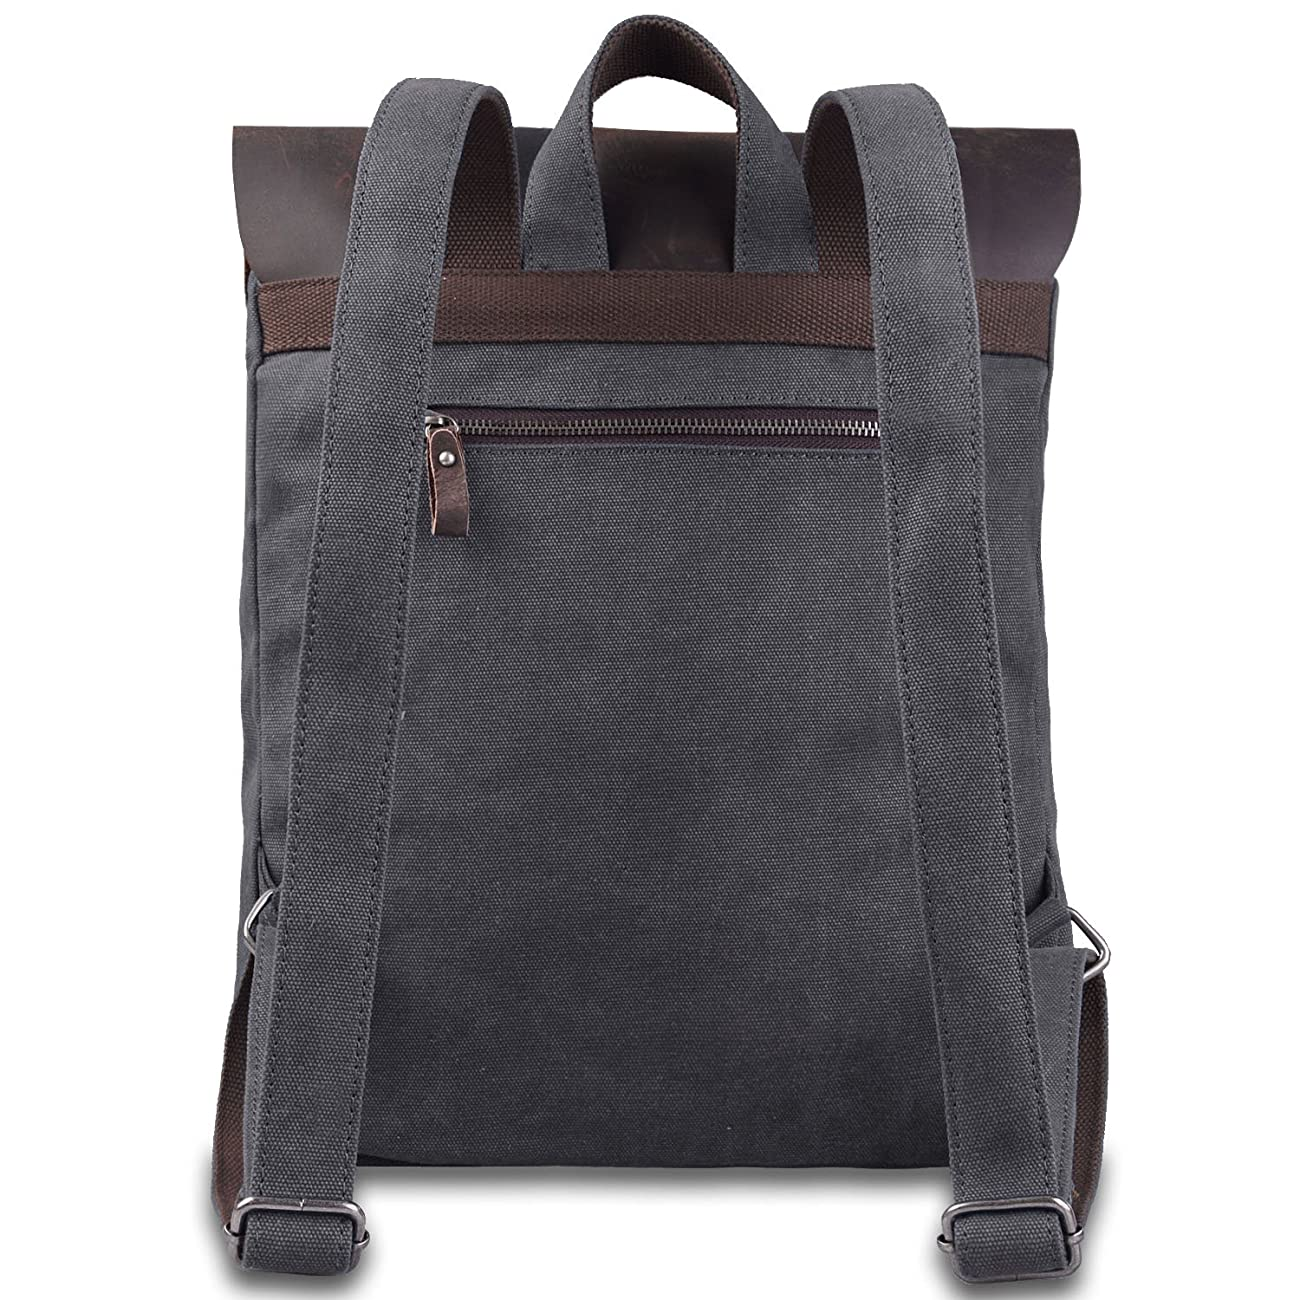 Jack&Chris Vintage Canvas Leather School Backpack Rucksack Bag Daypack,MC2166 2